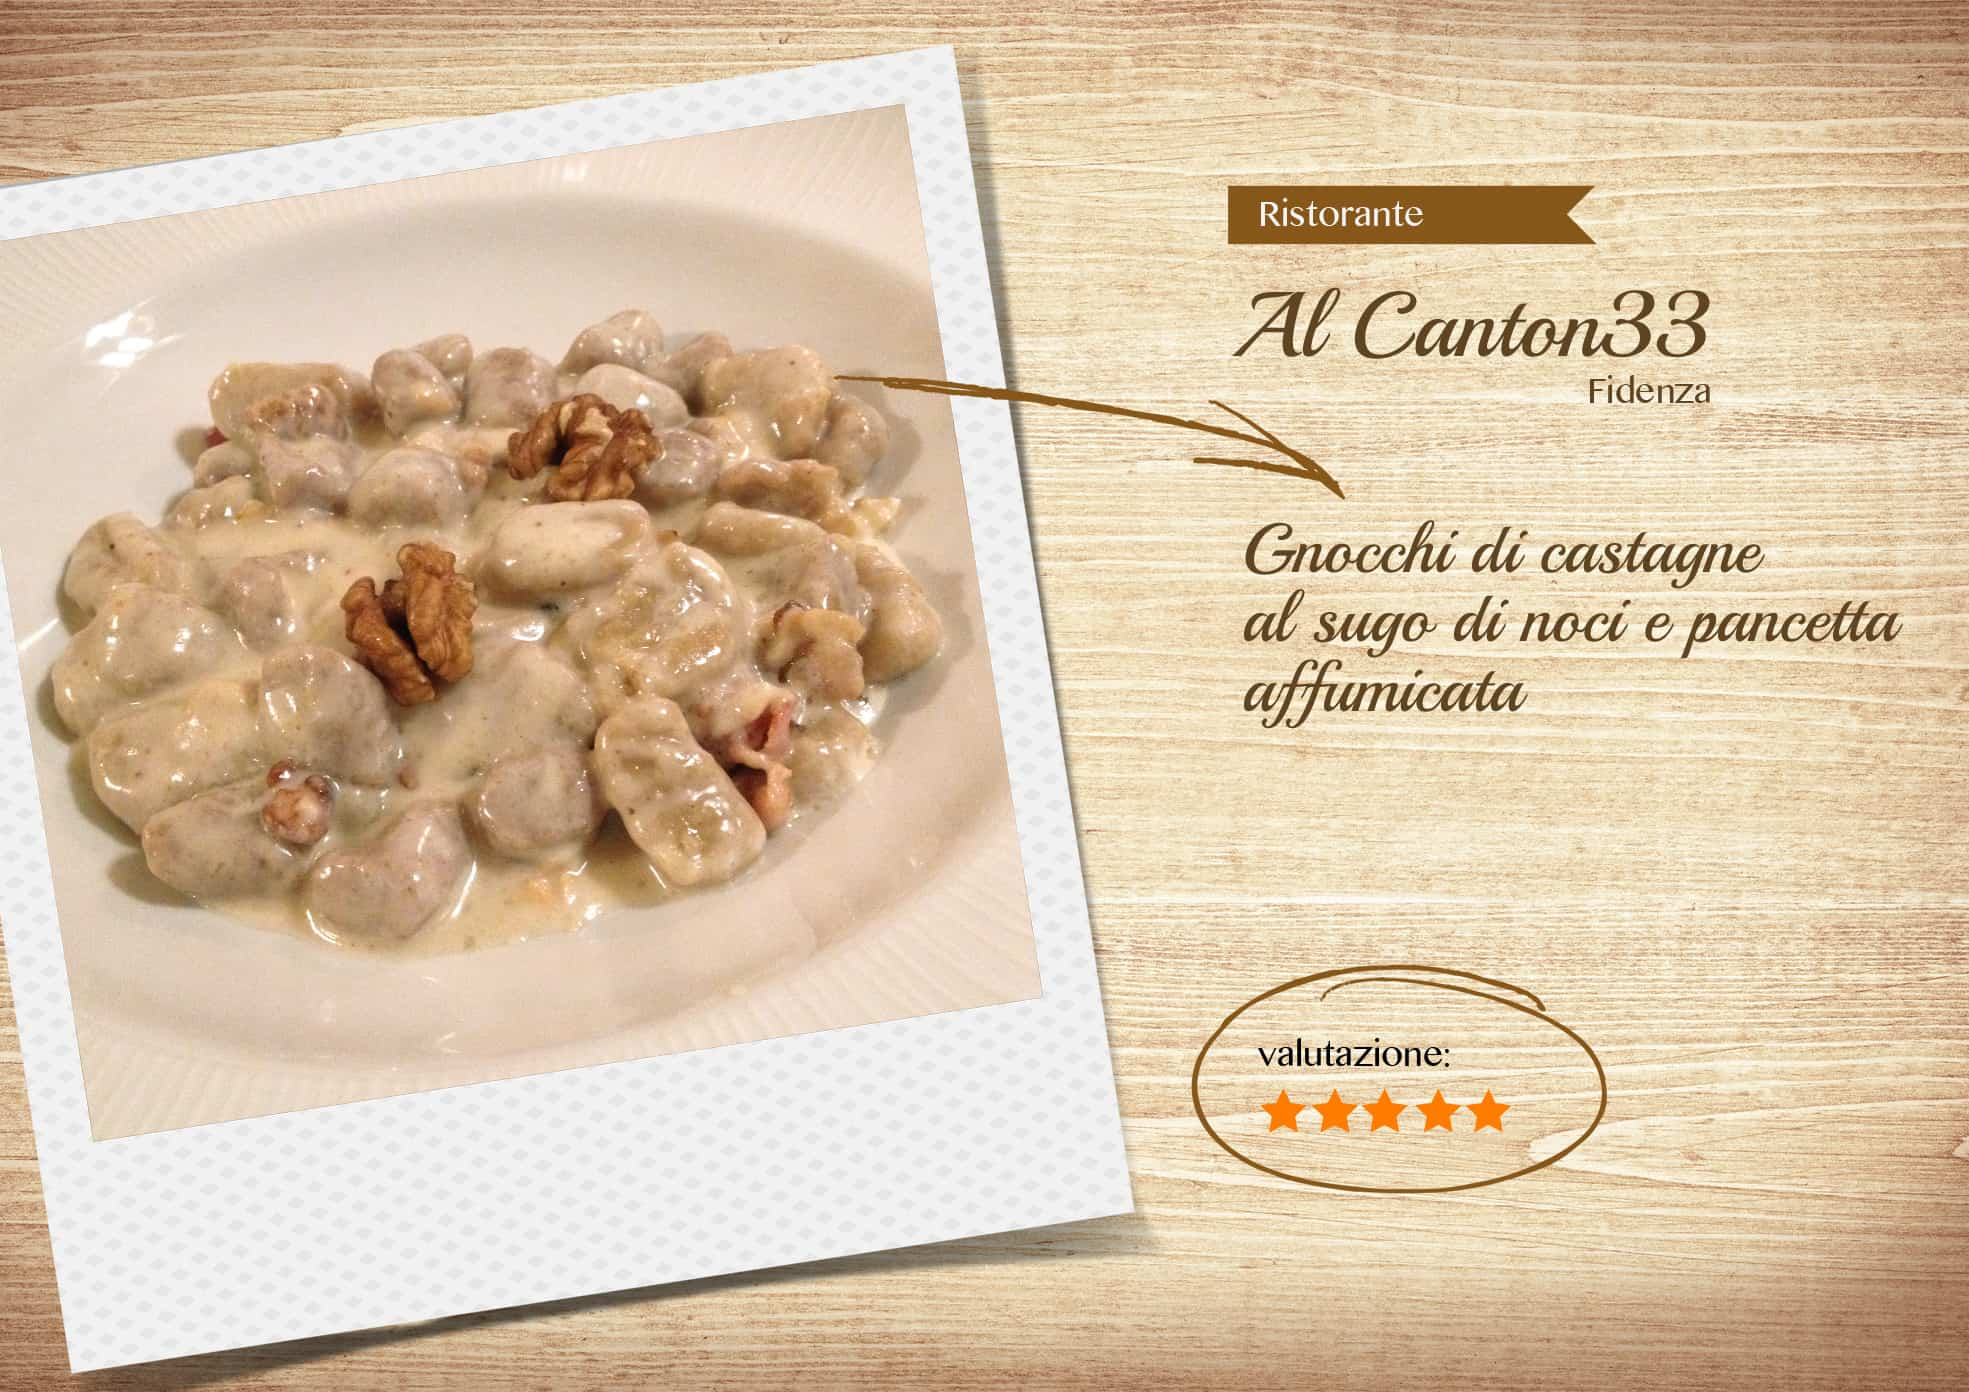 Ristorante Al Canton 33